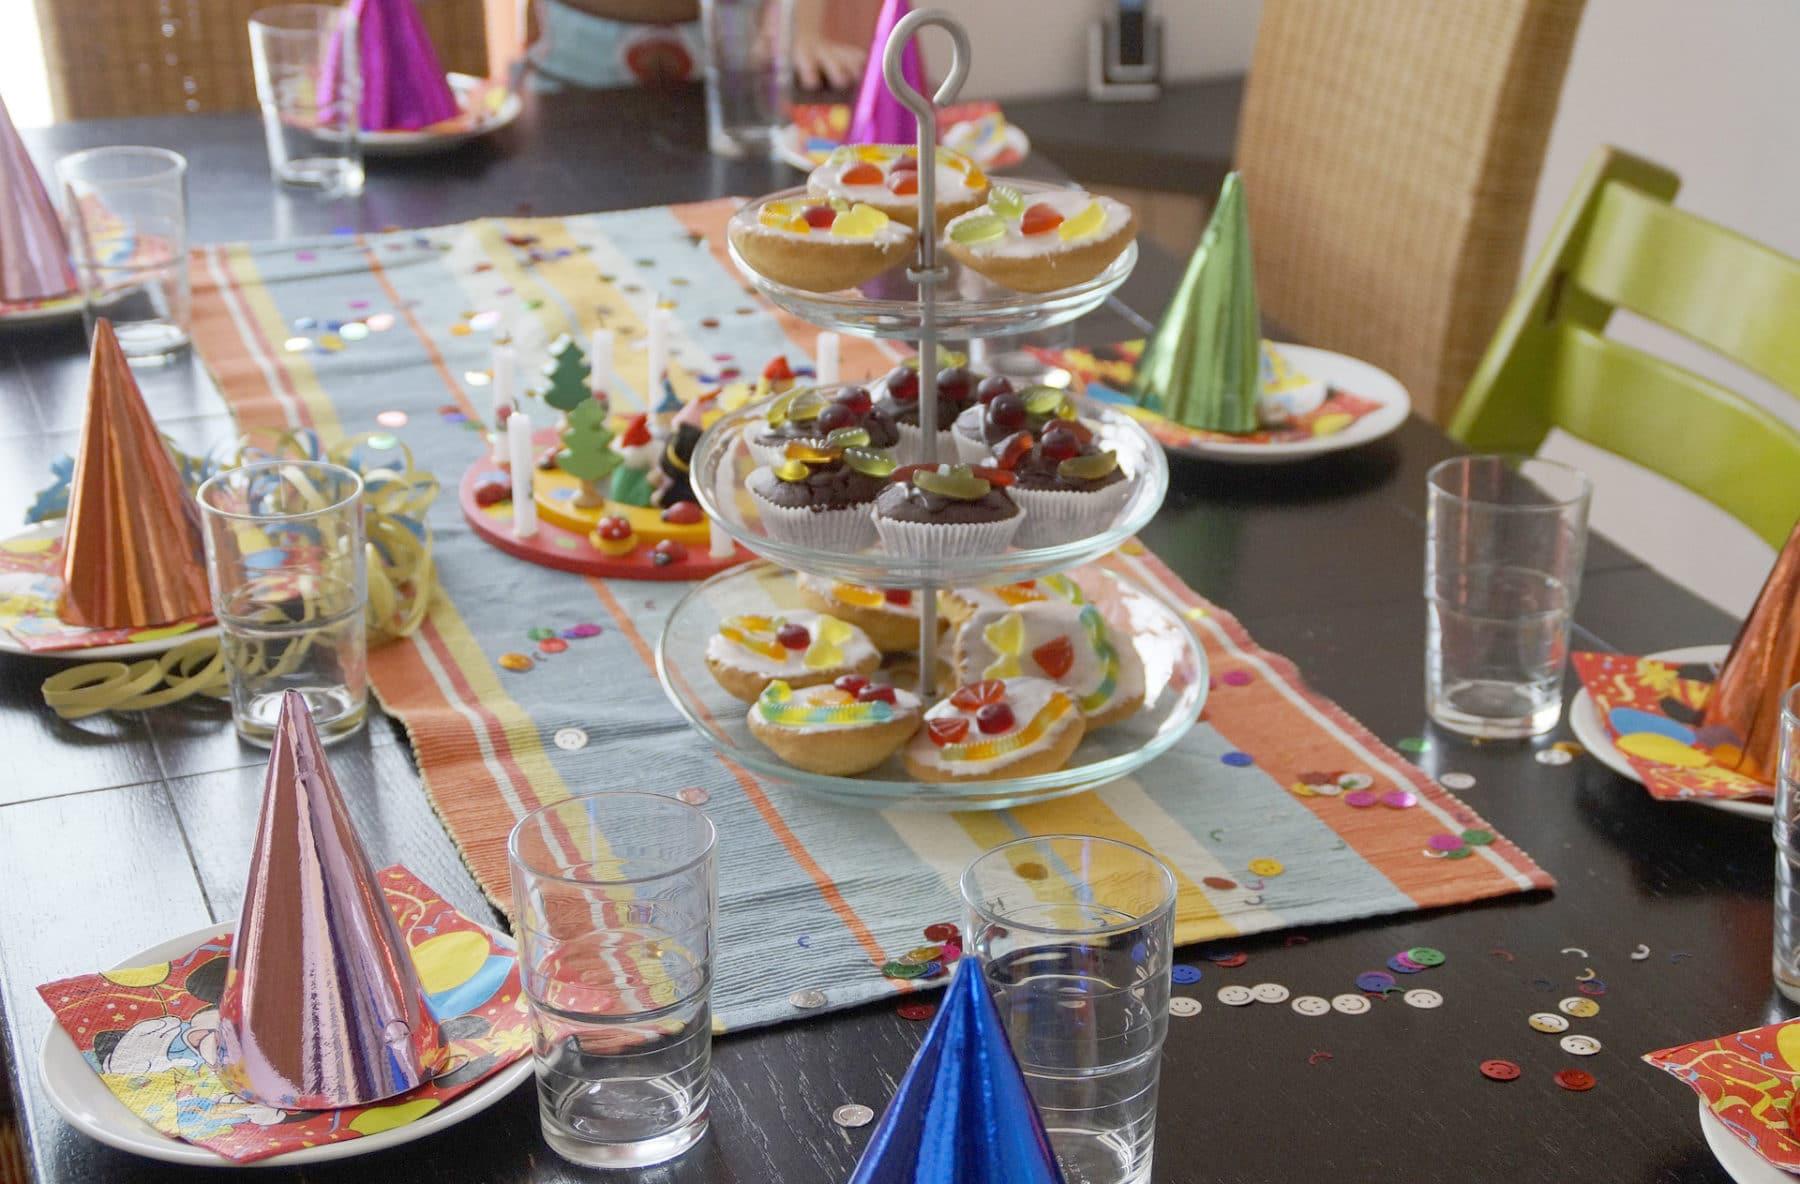 Beeindruckend Fingerfood Kindergeburtstag Dekoration Von Bunt Gedeckter Tisch Für